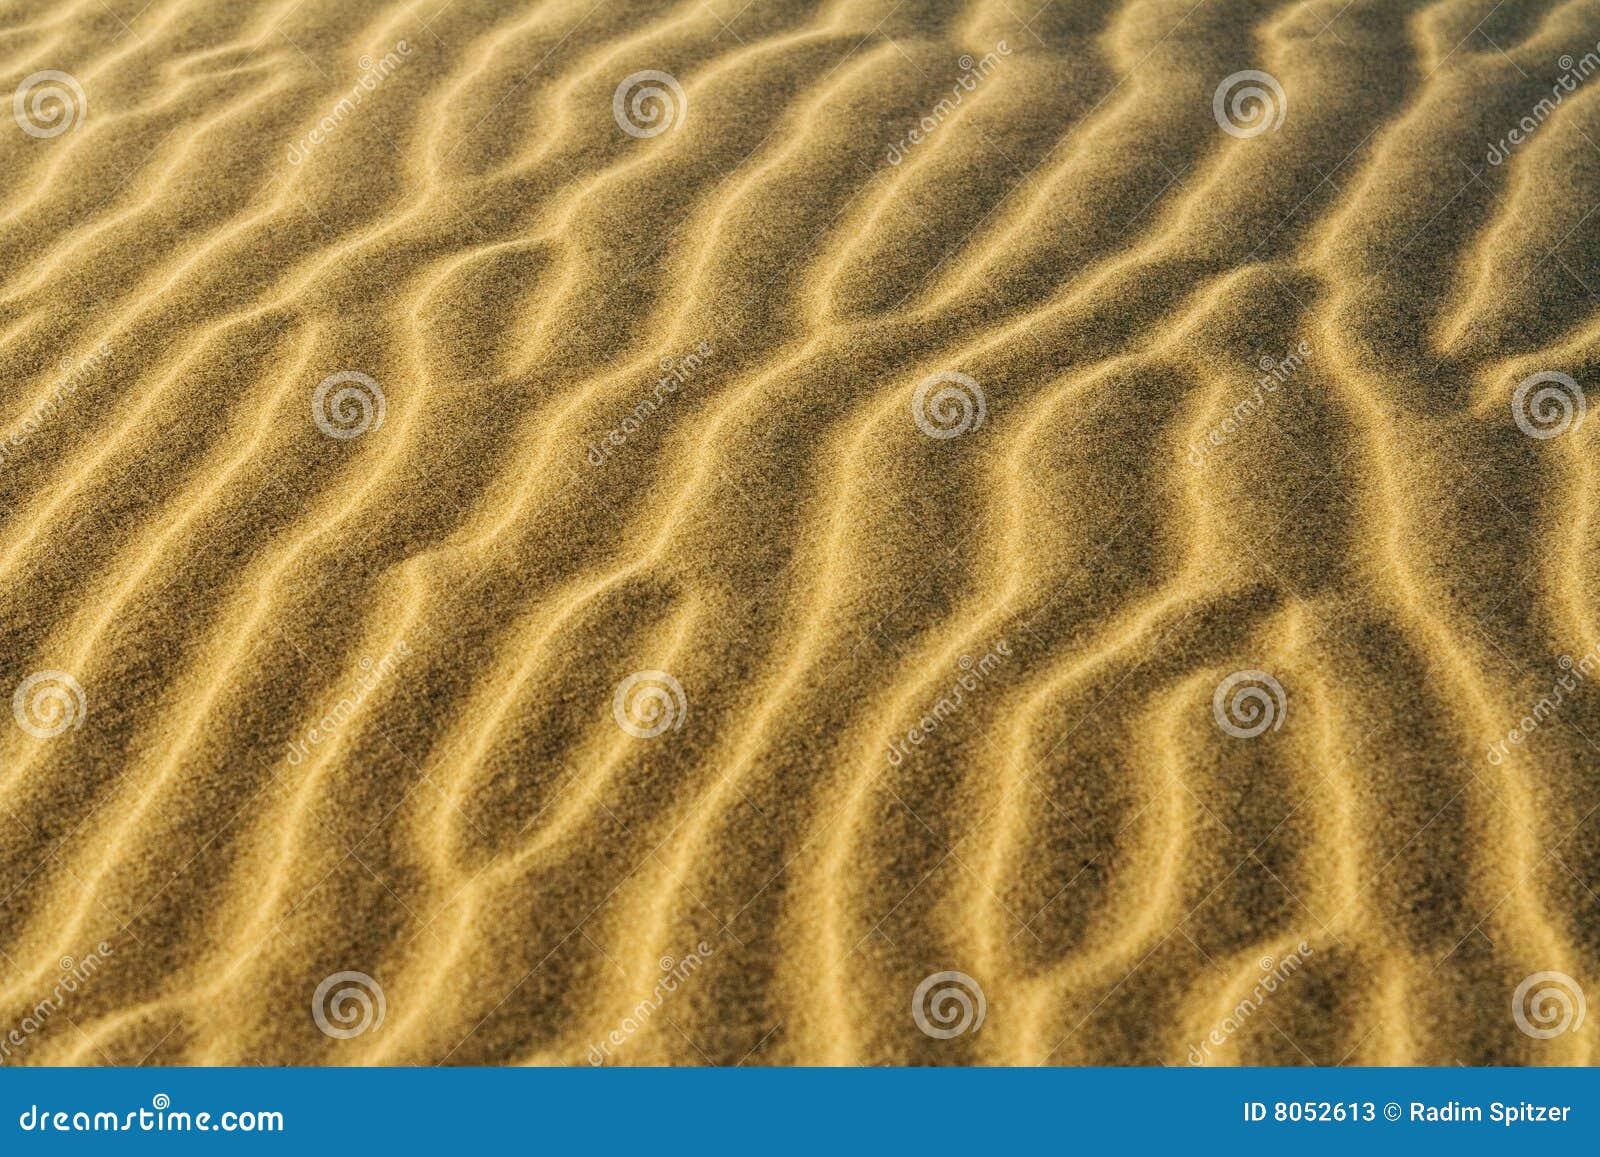 Desert sand pattern